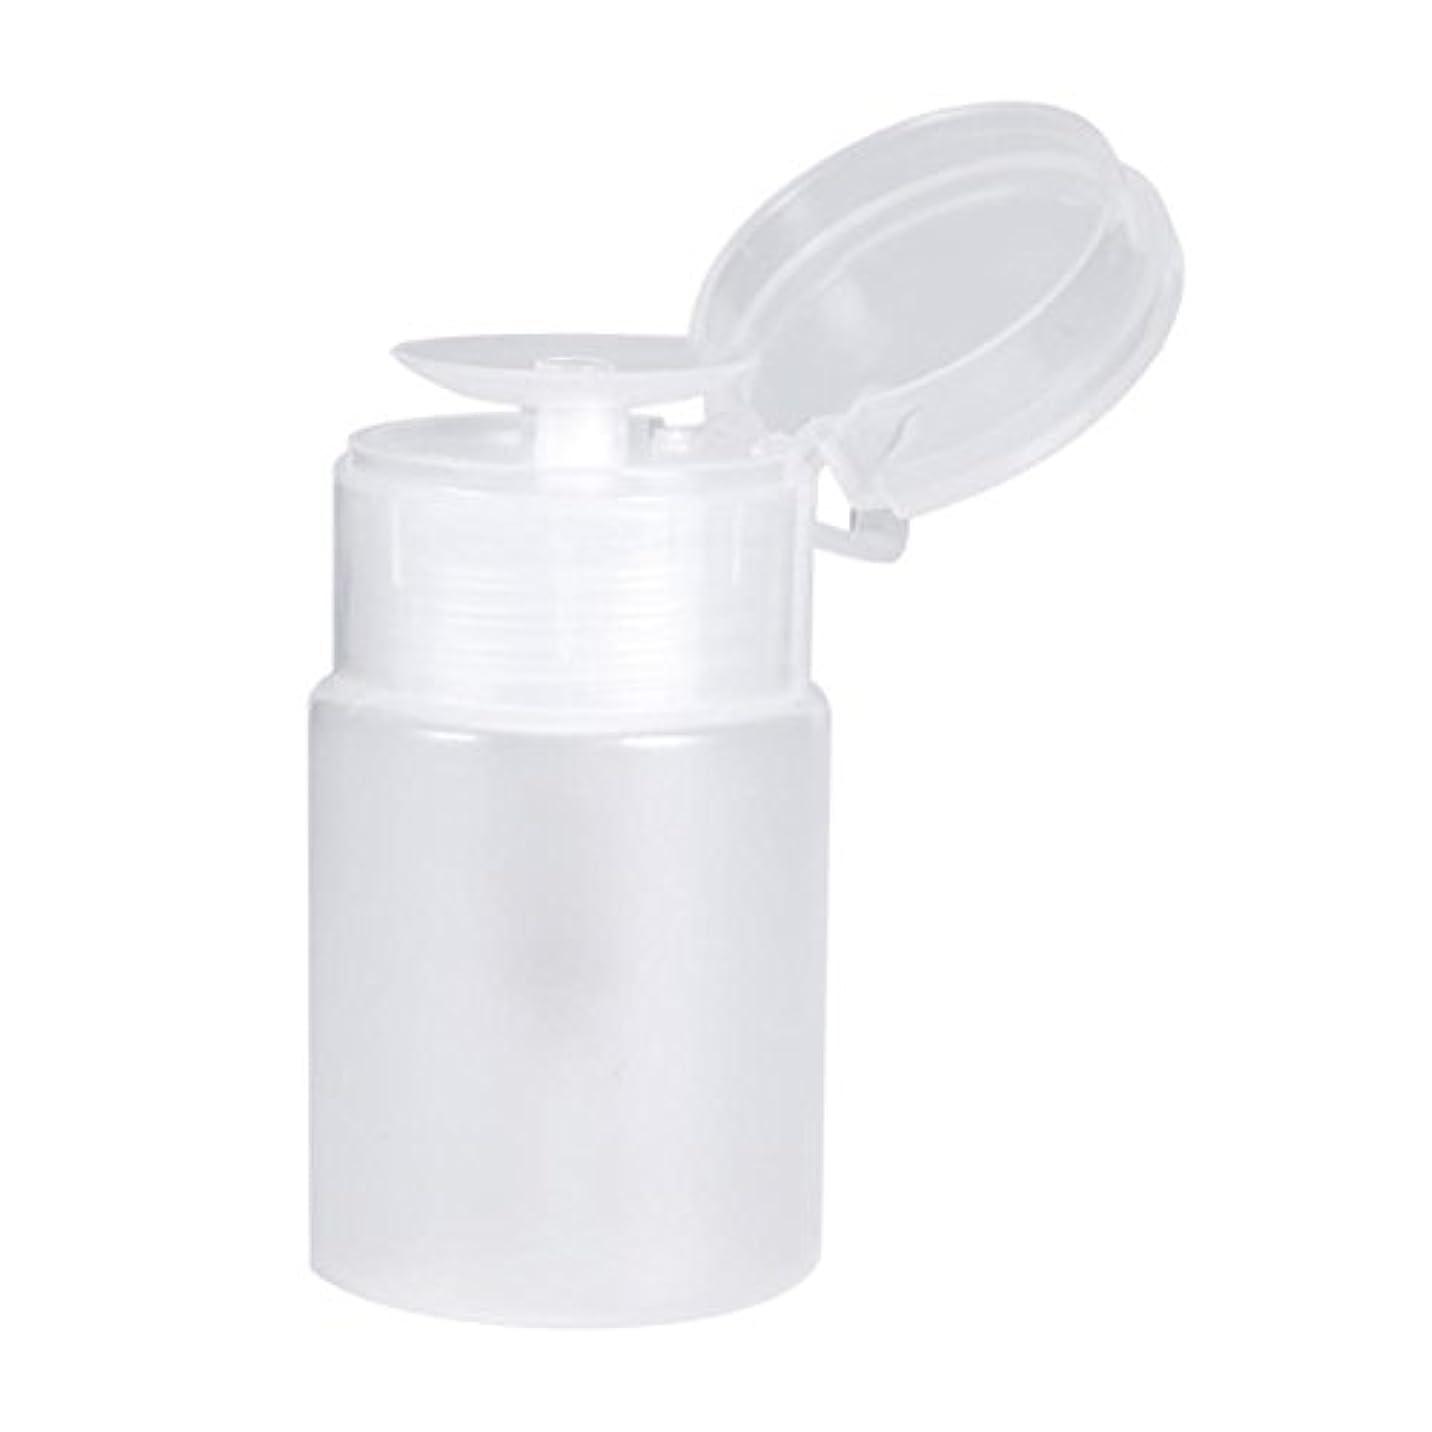 ブラケット謙虚しばしばネイルディスペンサーボトル、プッシュダウンディスペンサーネイルポリッシュリムーバーポンプ空のボトルディスペンサー液体ボトル容器60ミリリットル(白)